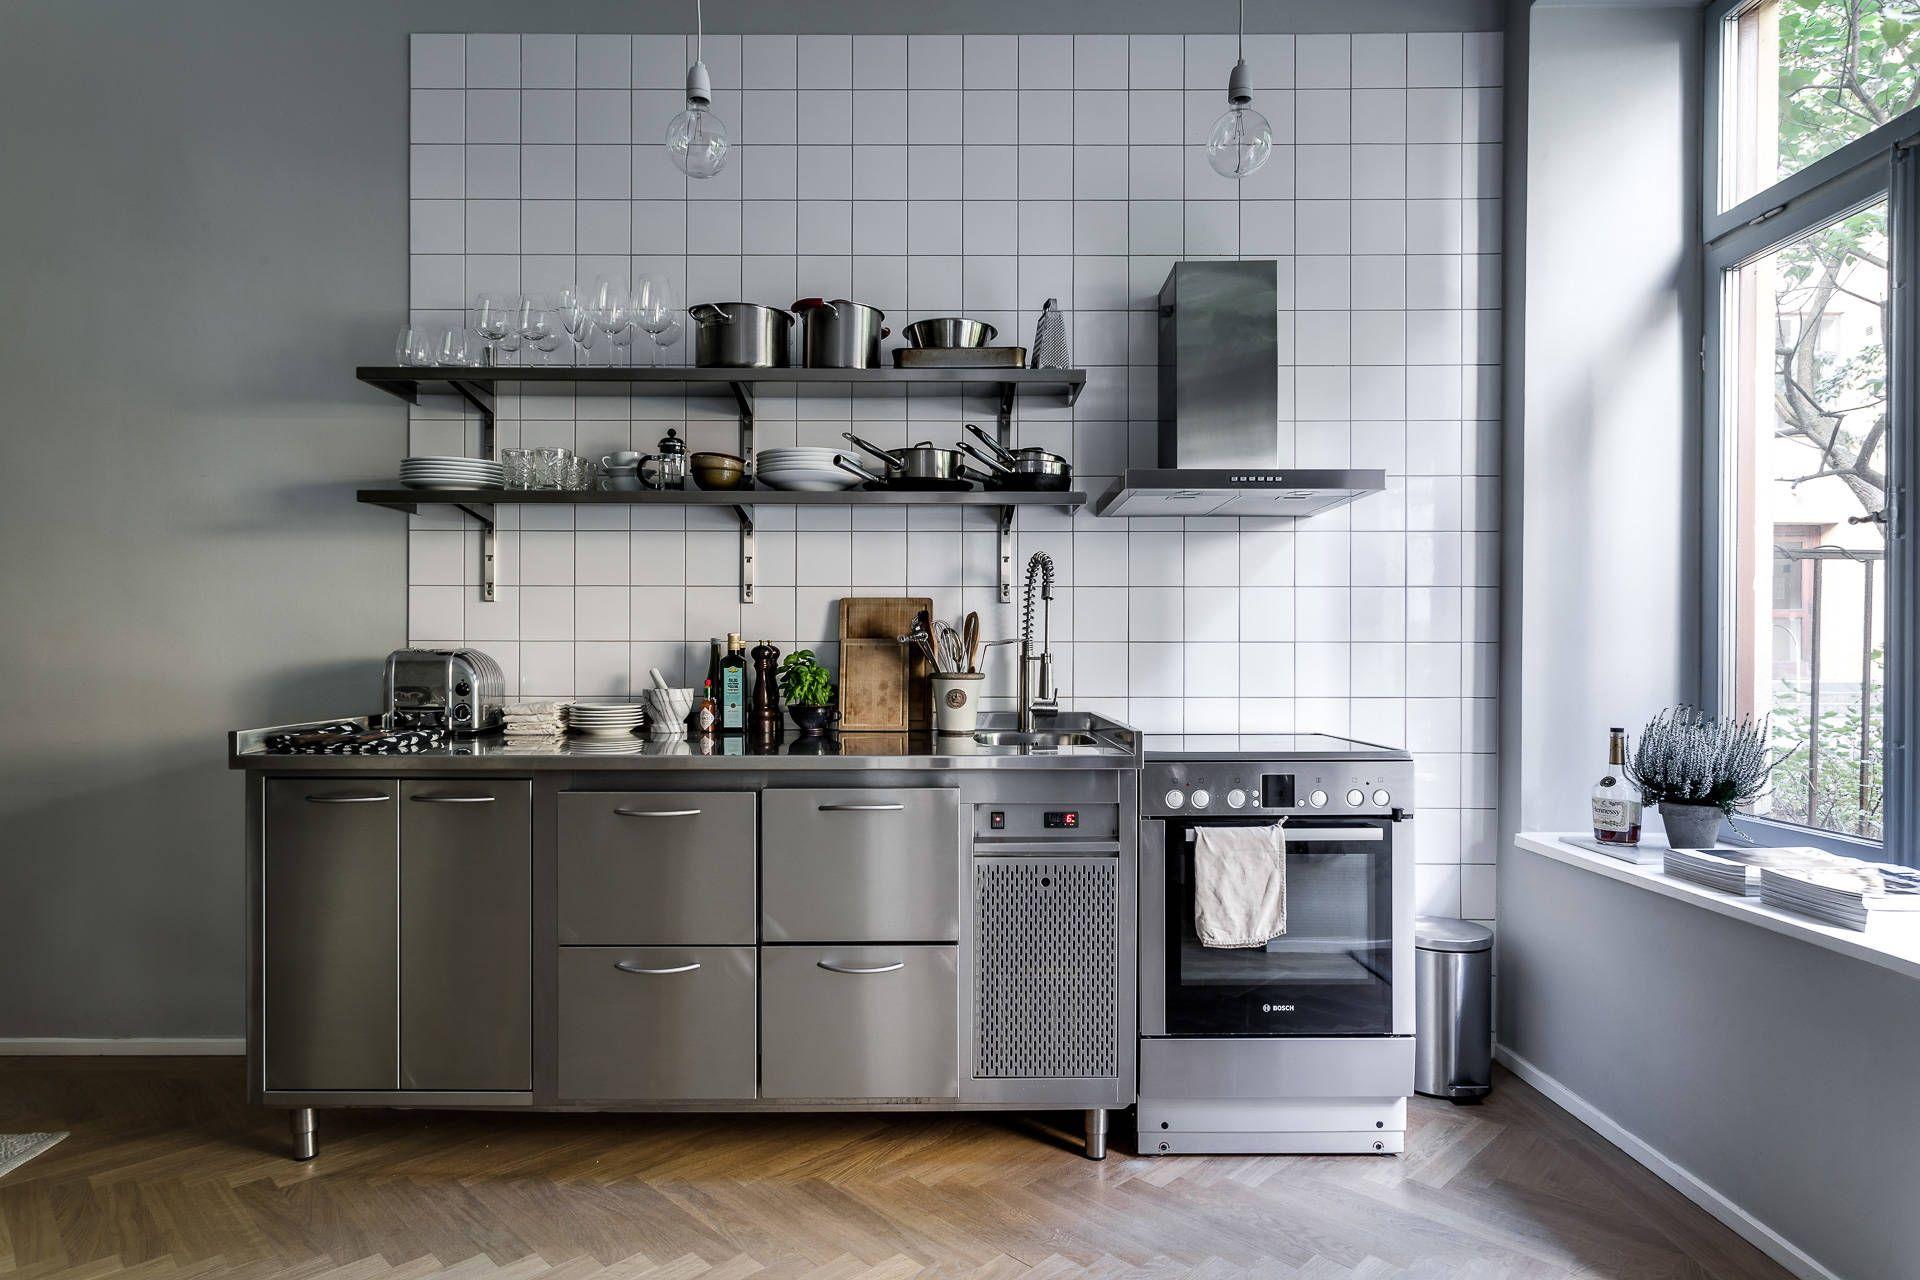 Tout Est Dans La Cuisine Kitchen Dinning Room Industrial Style Kitchen Loft Kitchen